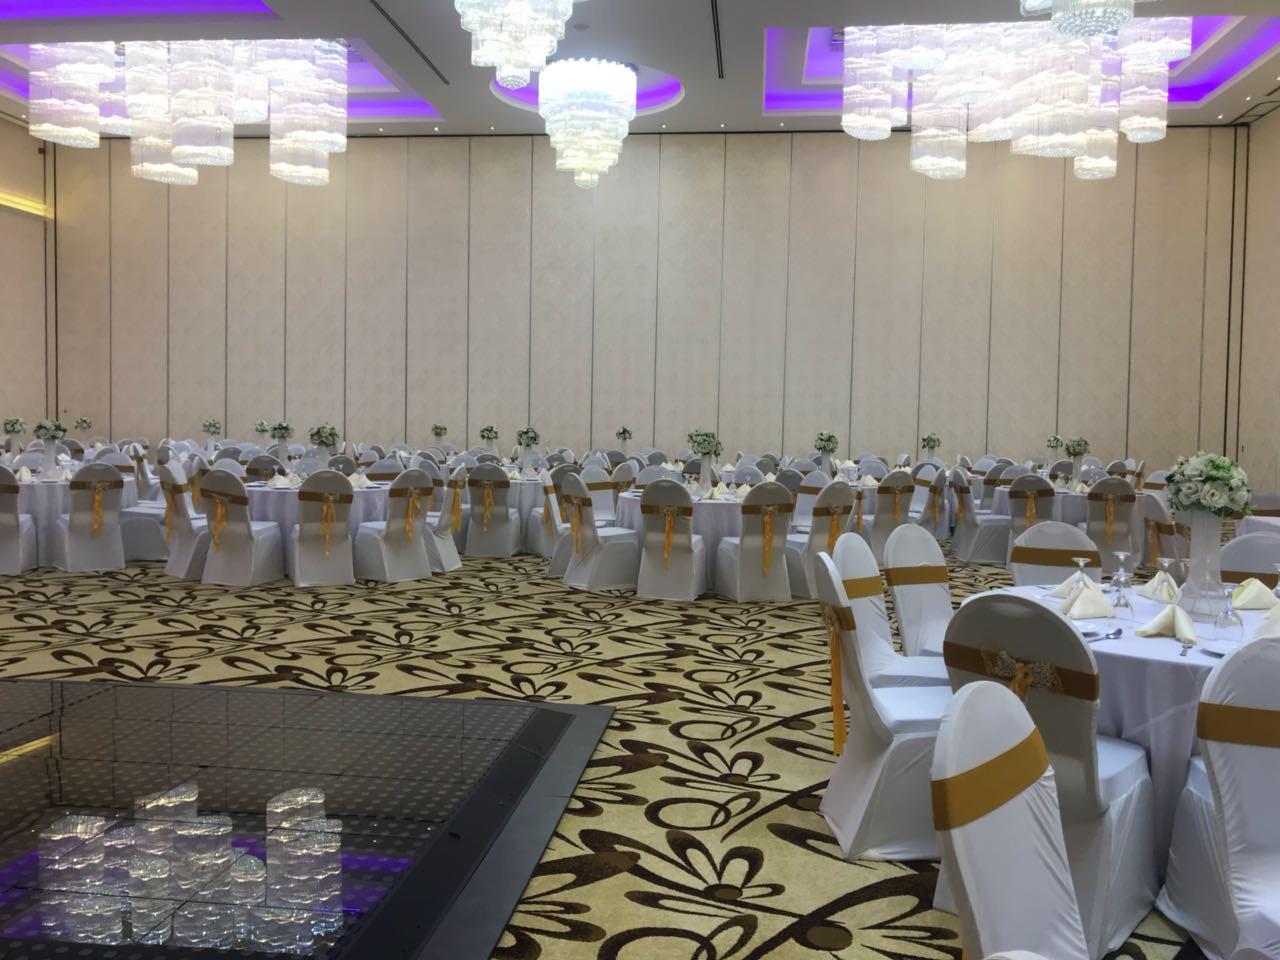 斯里兰卡度假酒店活动隔断安装项目